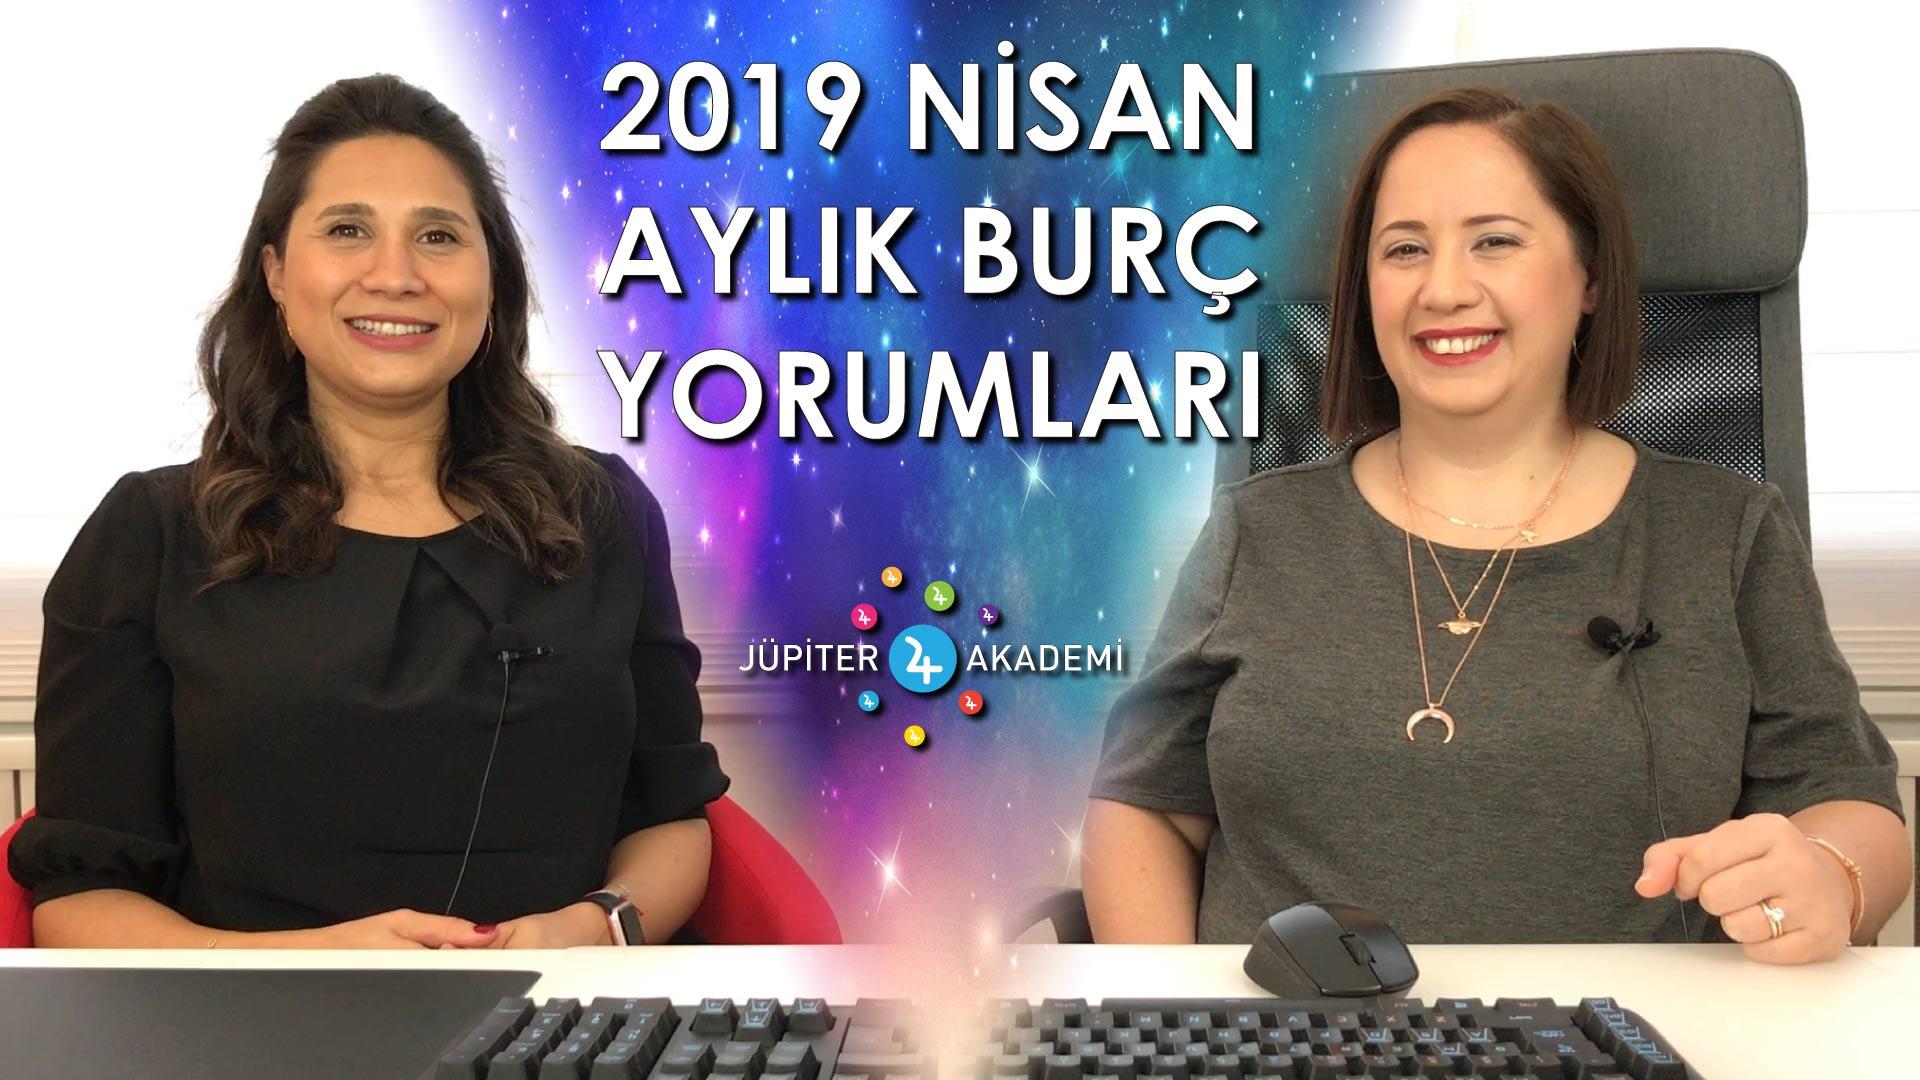 2019 Nisan Aylık Burç Yorumları Jüpiter Akademi